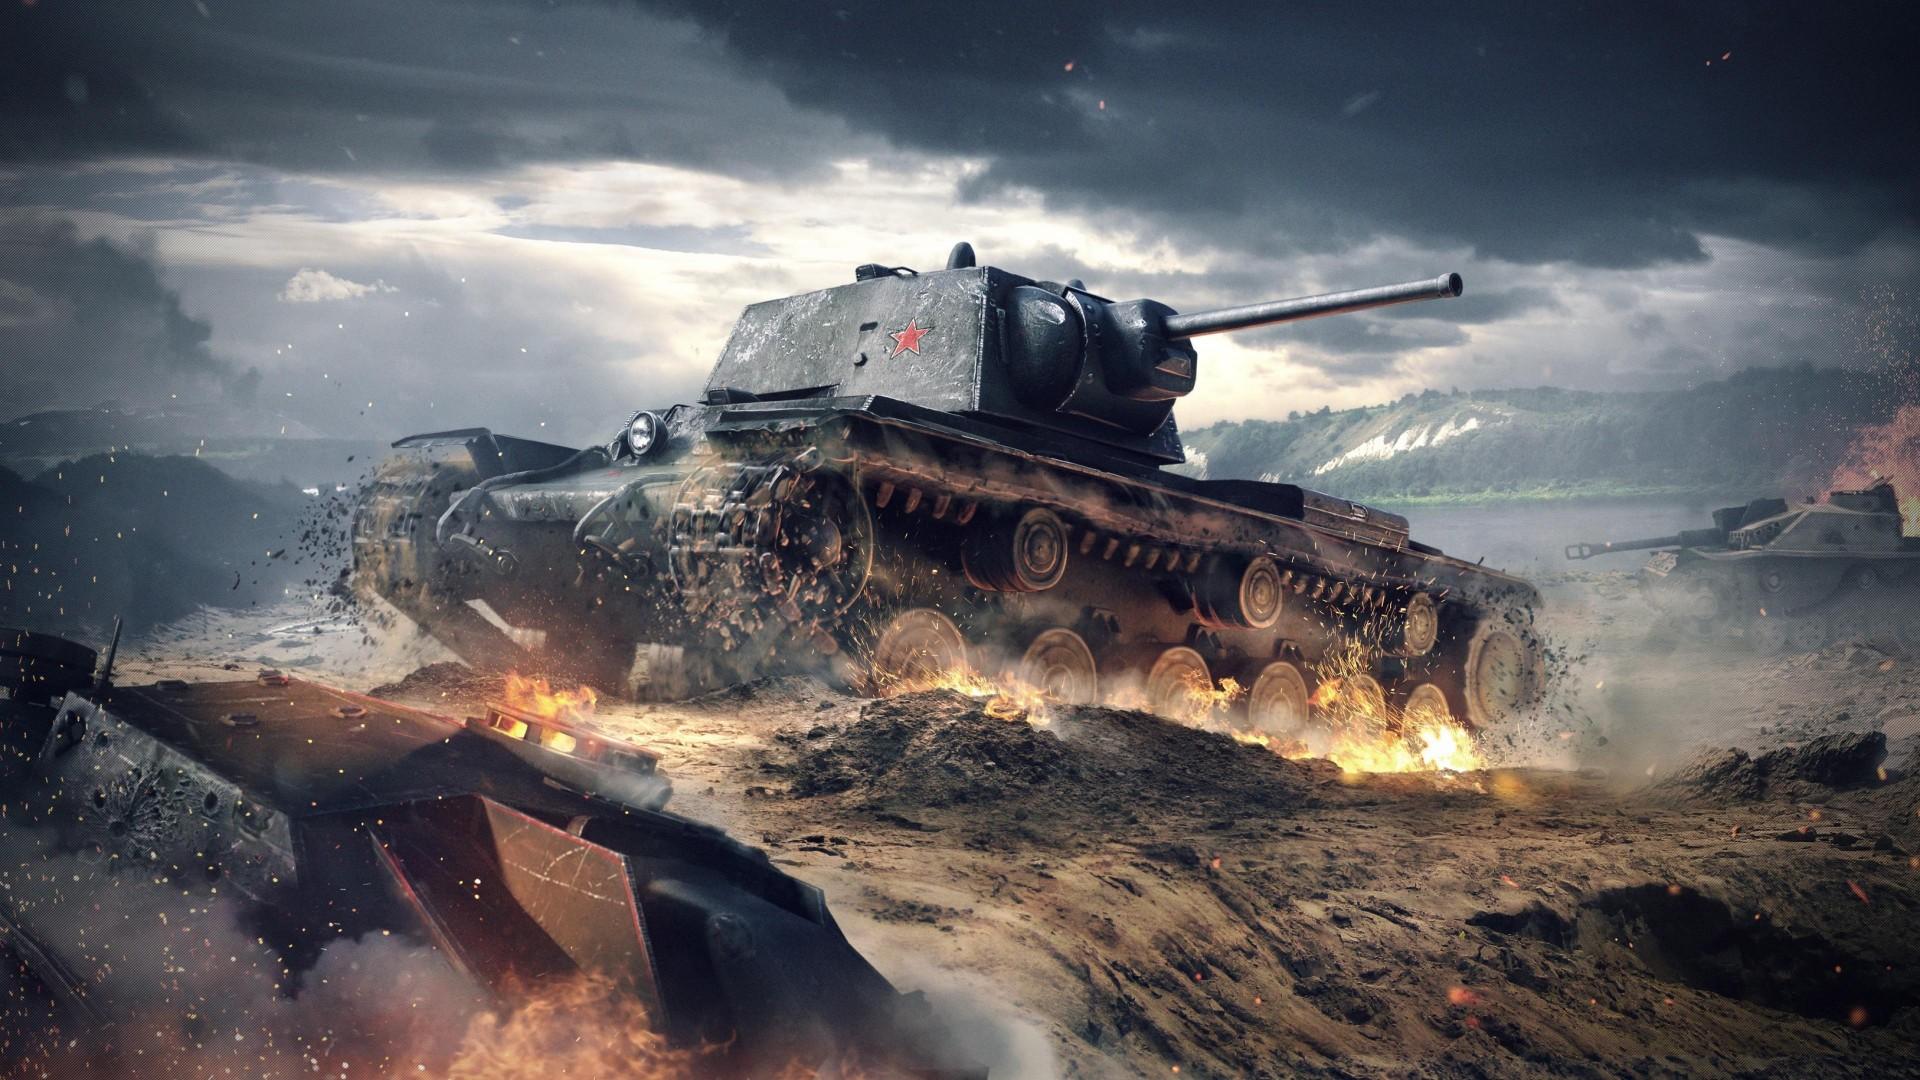 Ворлд оф танкс фото танков - 5